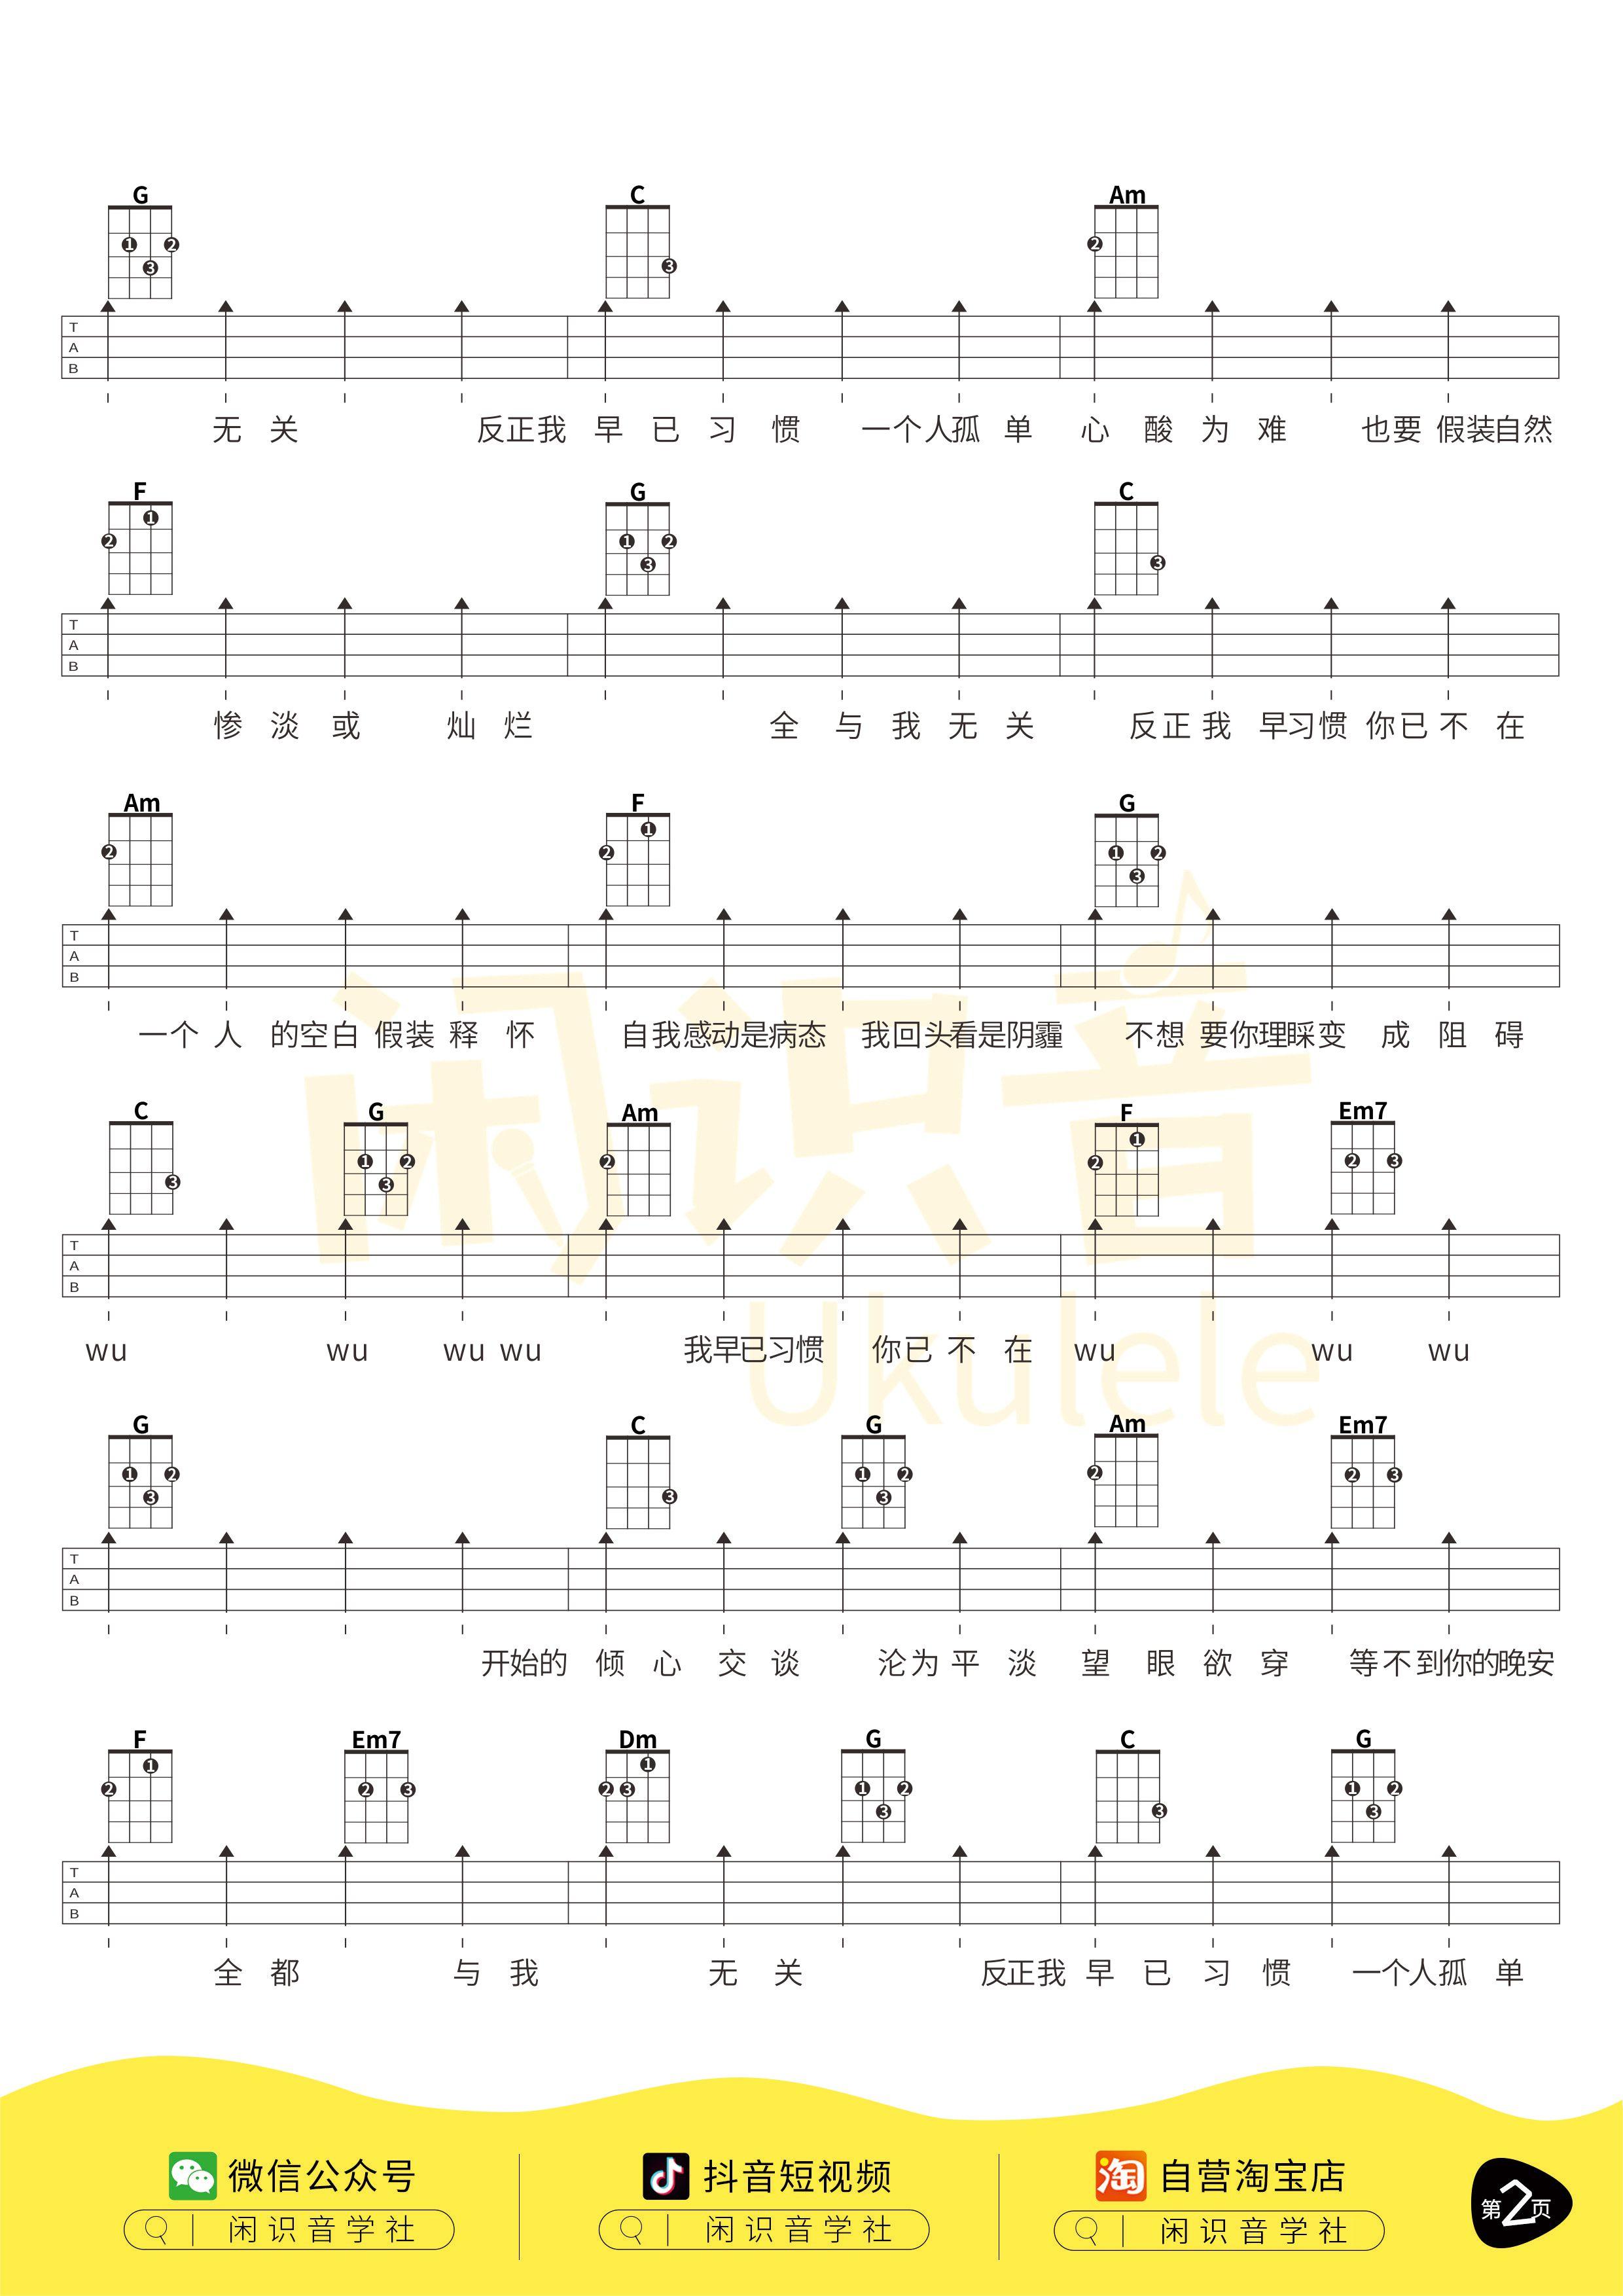 闲识音学社《与我无关》尤克里里谱-5